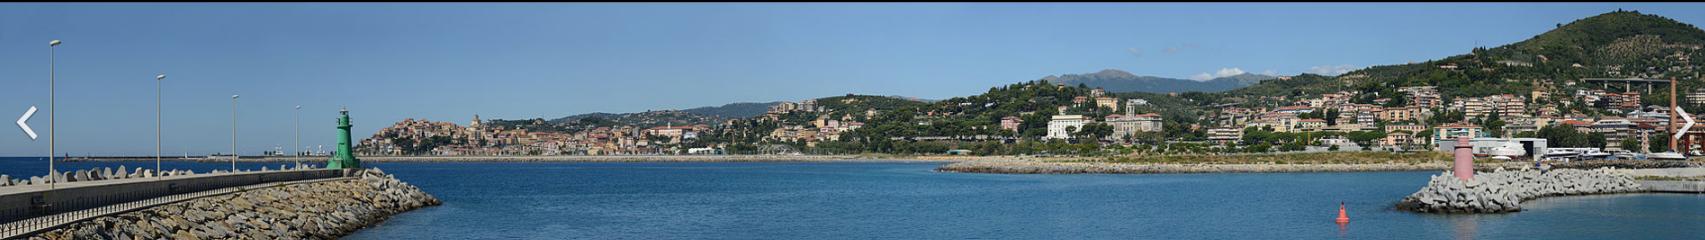 imperia porto maurizio and westernmost oneglia.png